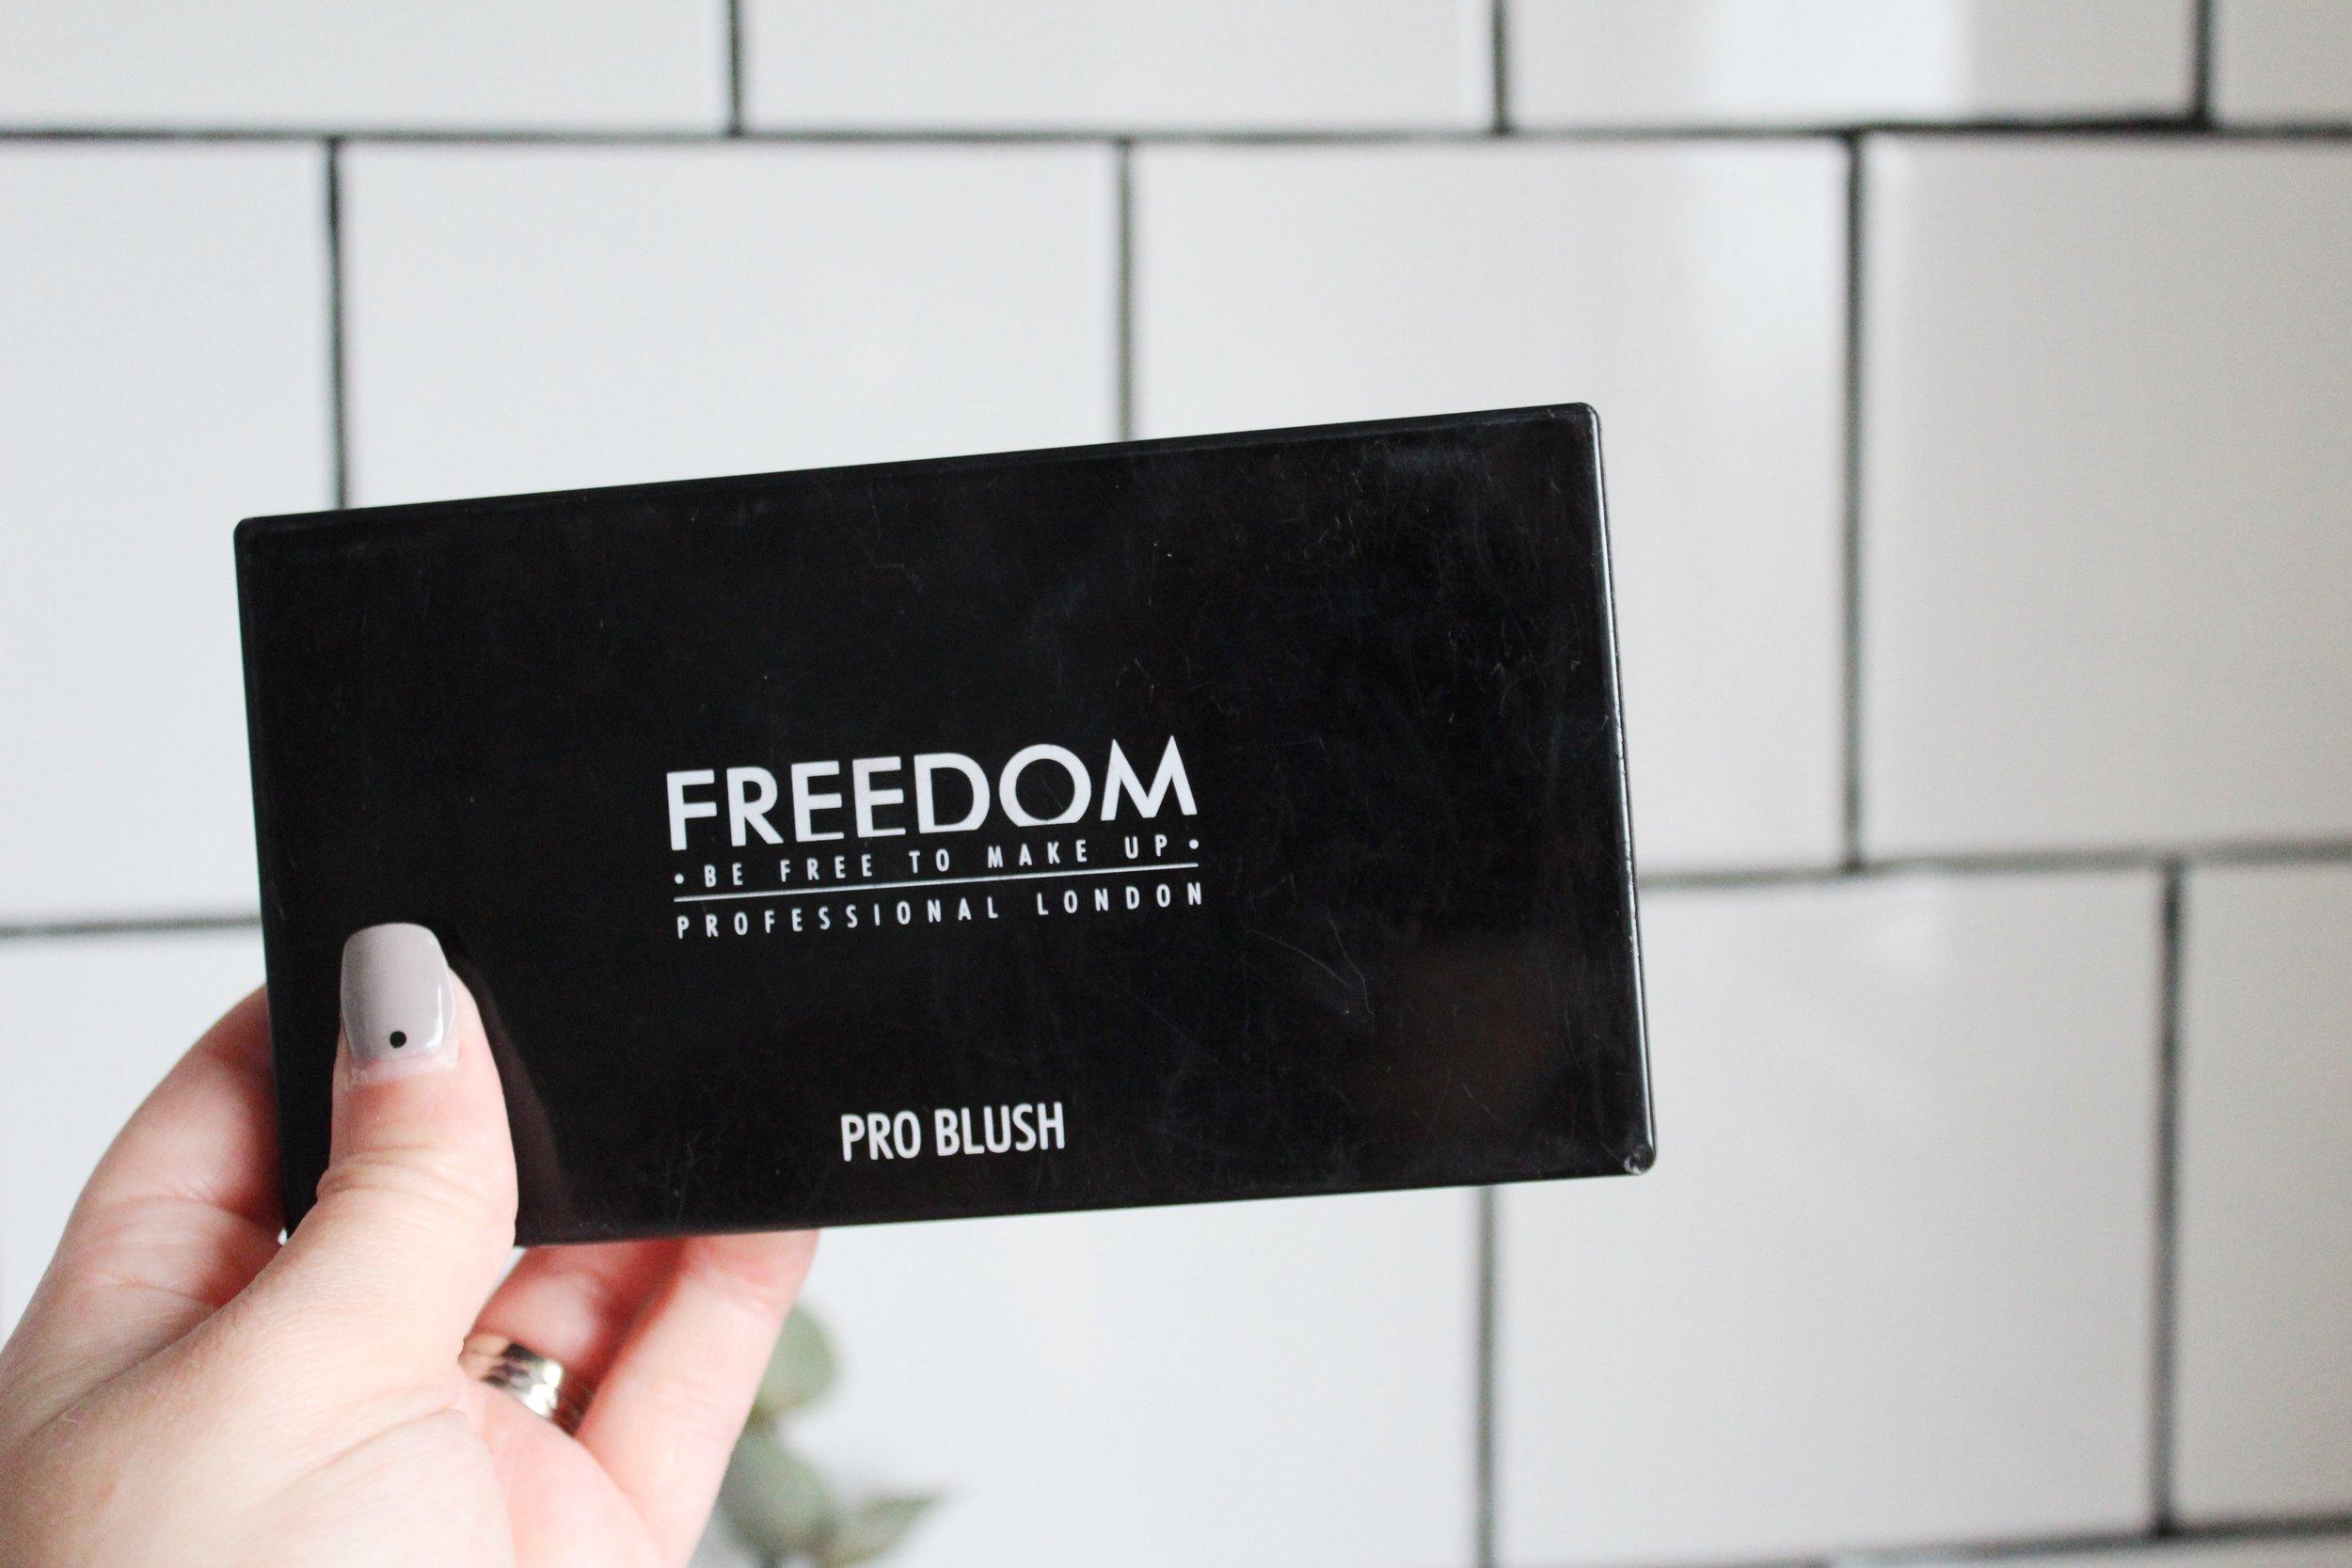 FREEDOM Pro Blush, Superdrug £5